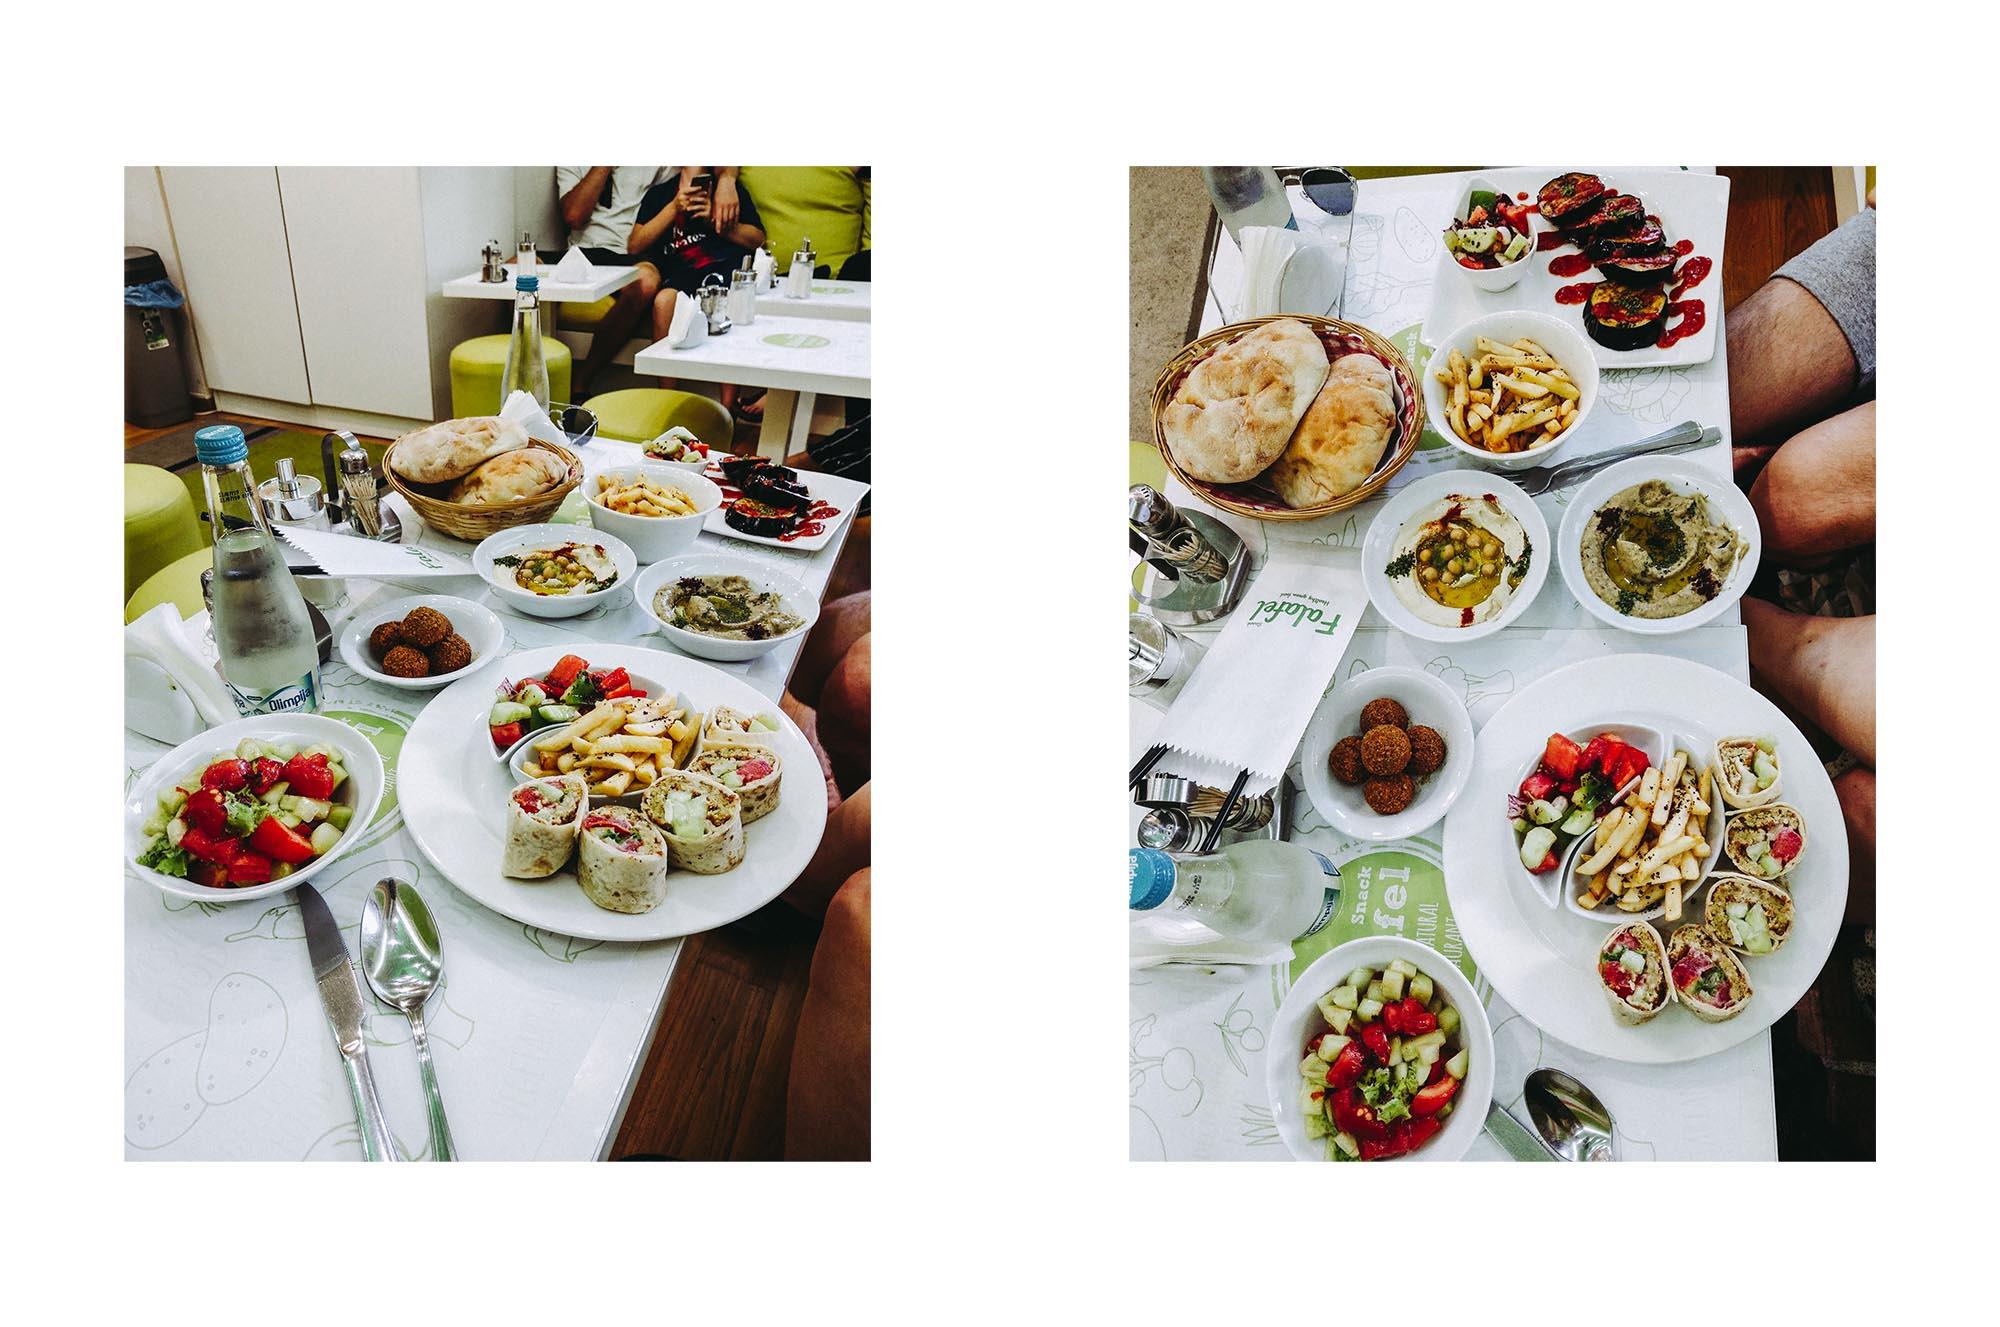 Vegan essen in Sarajevo: Falafel Restauran. Roadtrip durch Bosnien Montenegro Kroatien. Am Balkan vegan essen, reisen, fahren, packen. Dogdays of Summer vegan vintage Blog